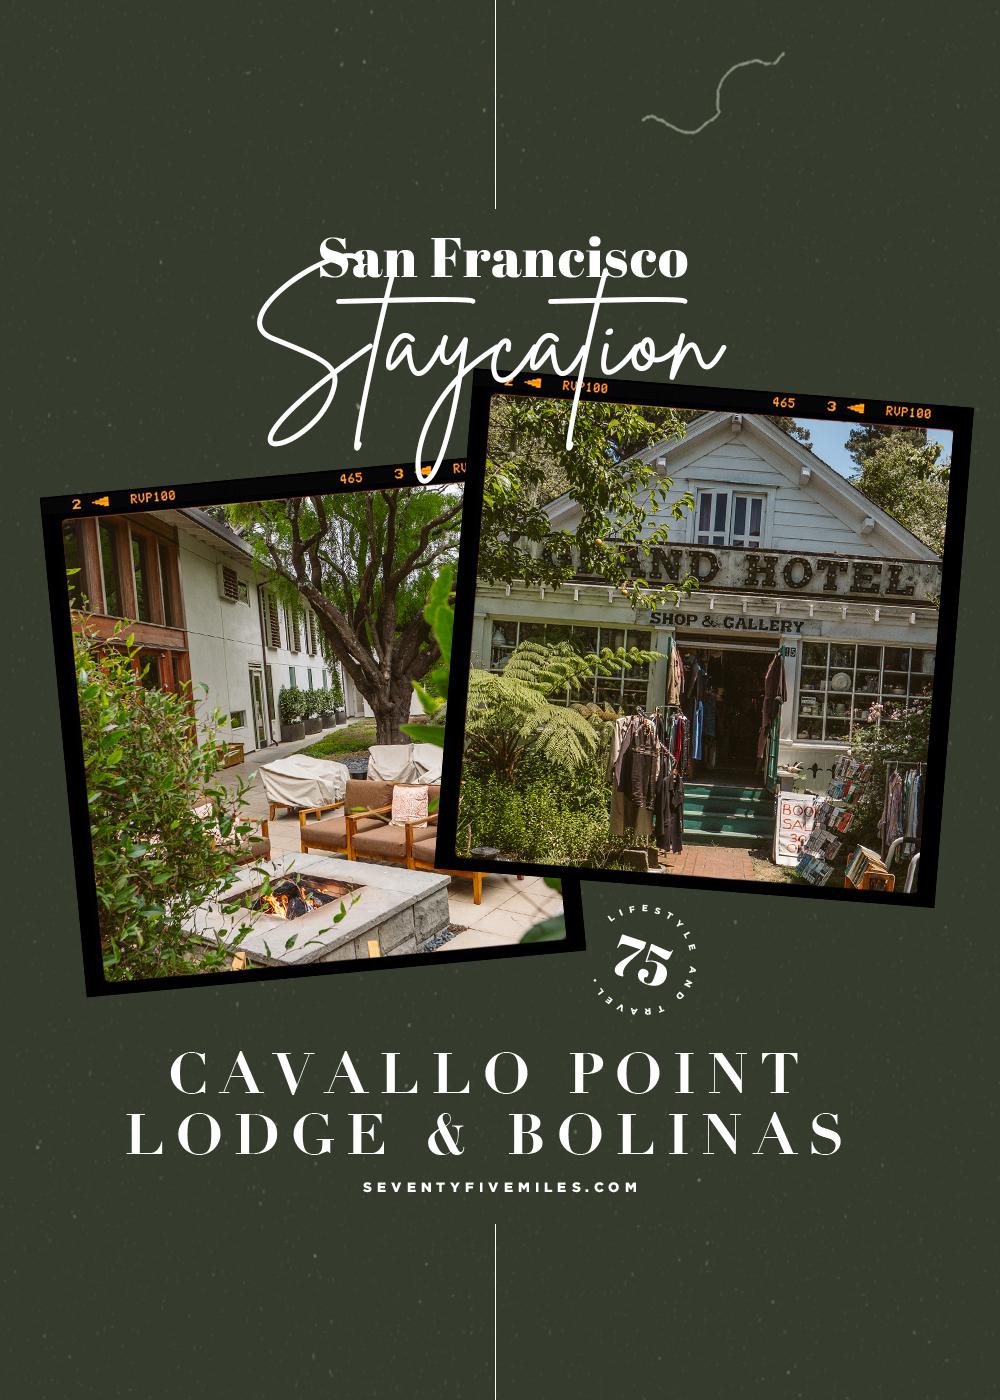 San Francisco Staycation Idea: Cavillo Point and Bolinas